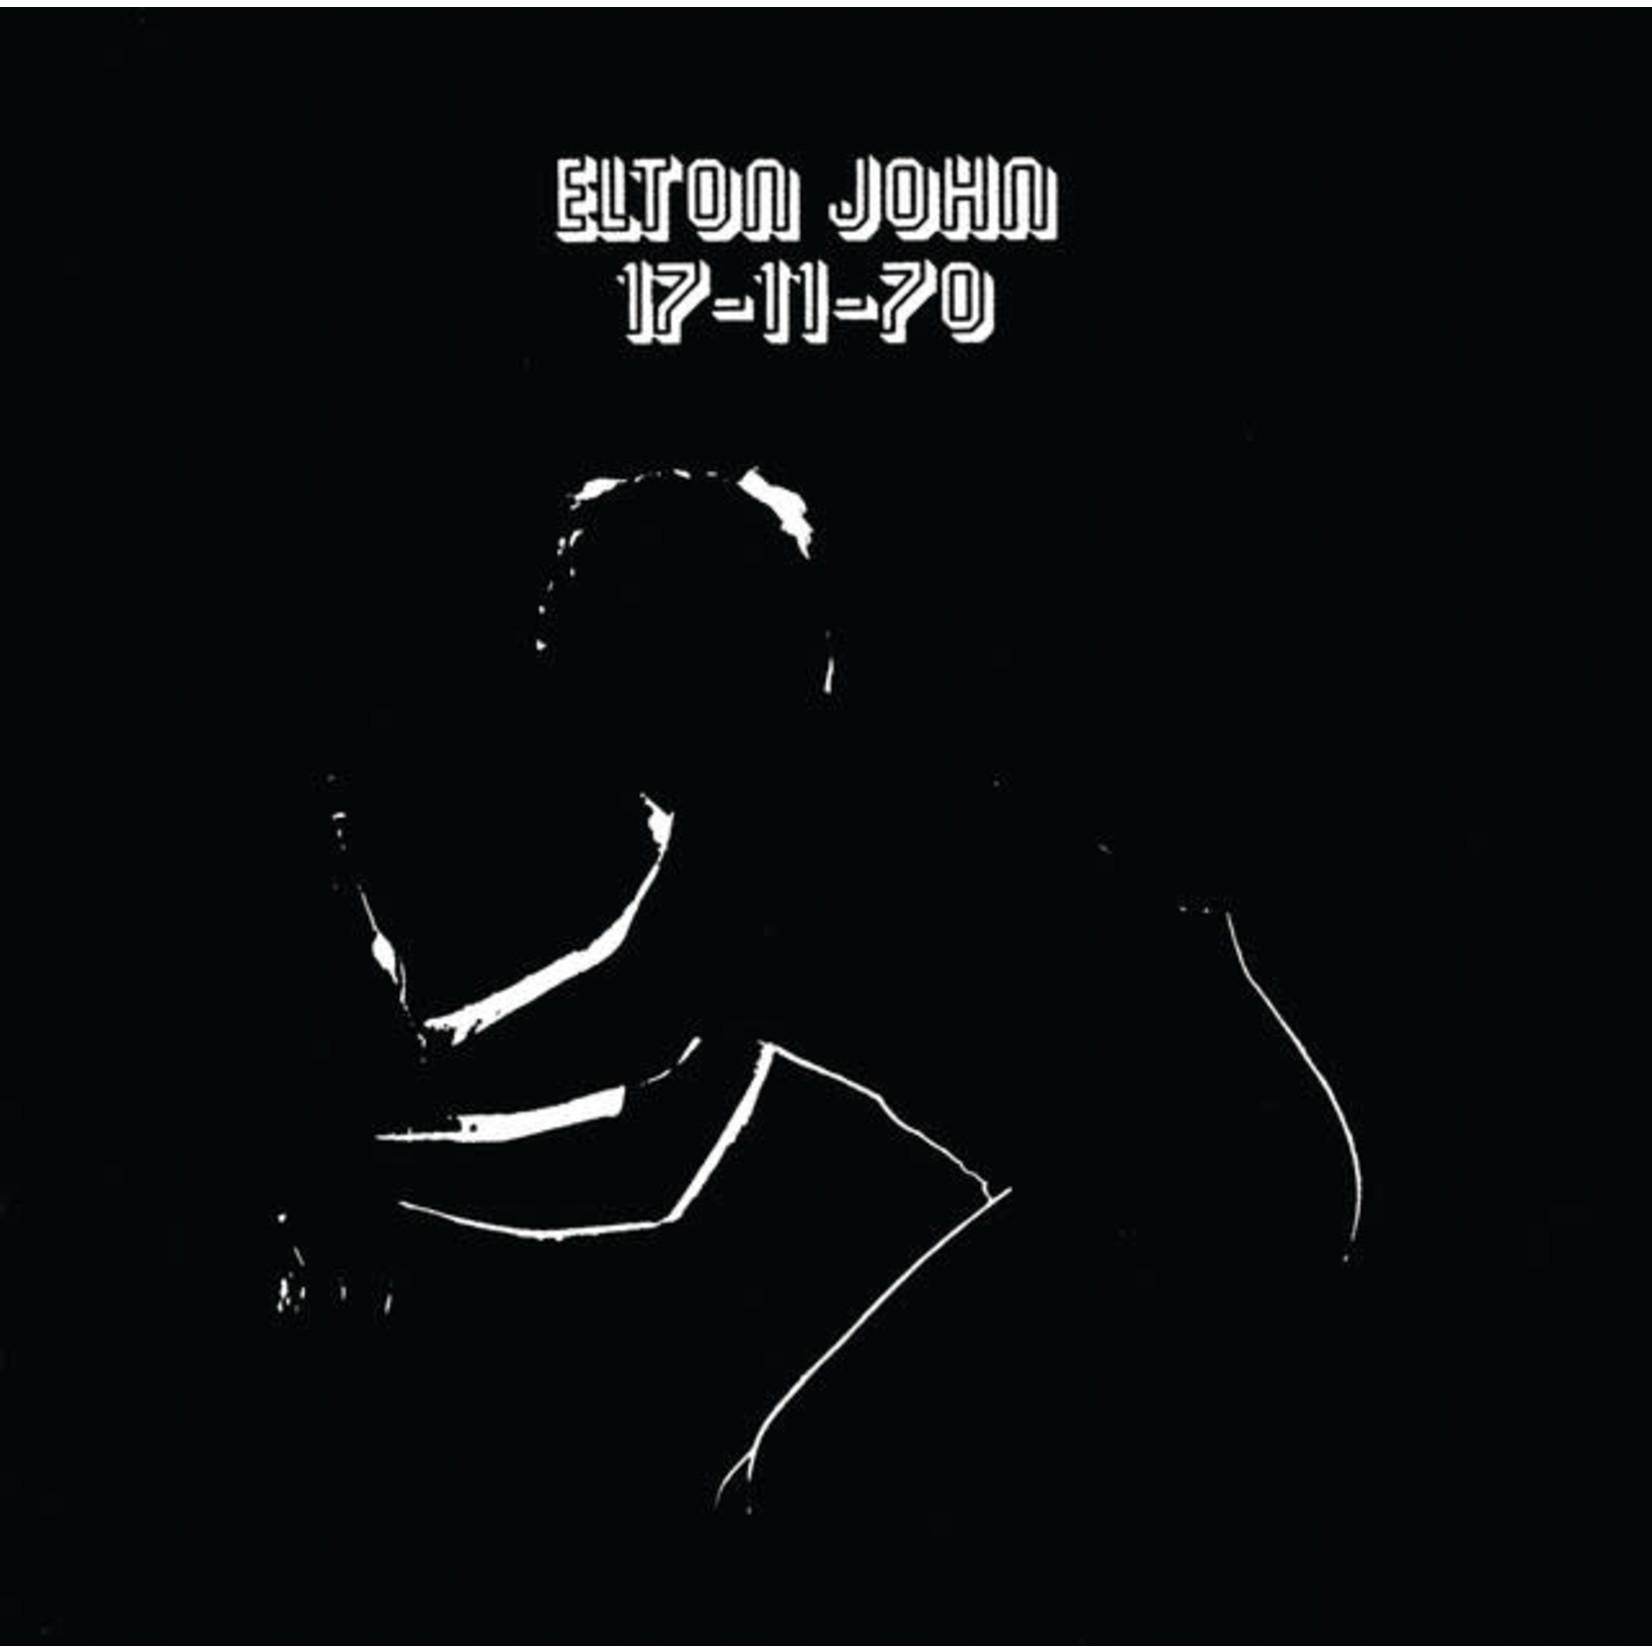 Vinyl Elton John - 17-11-70